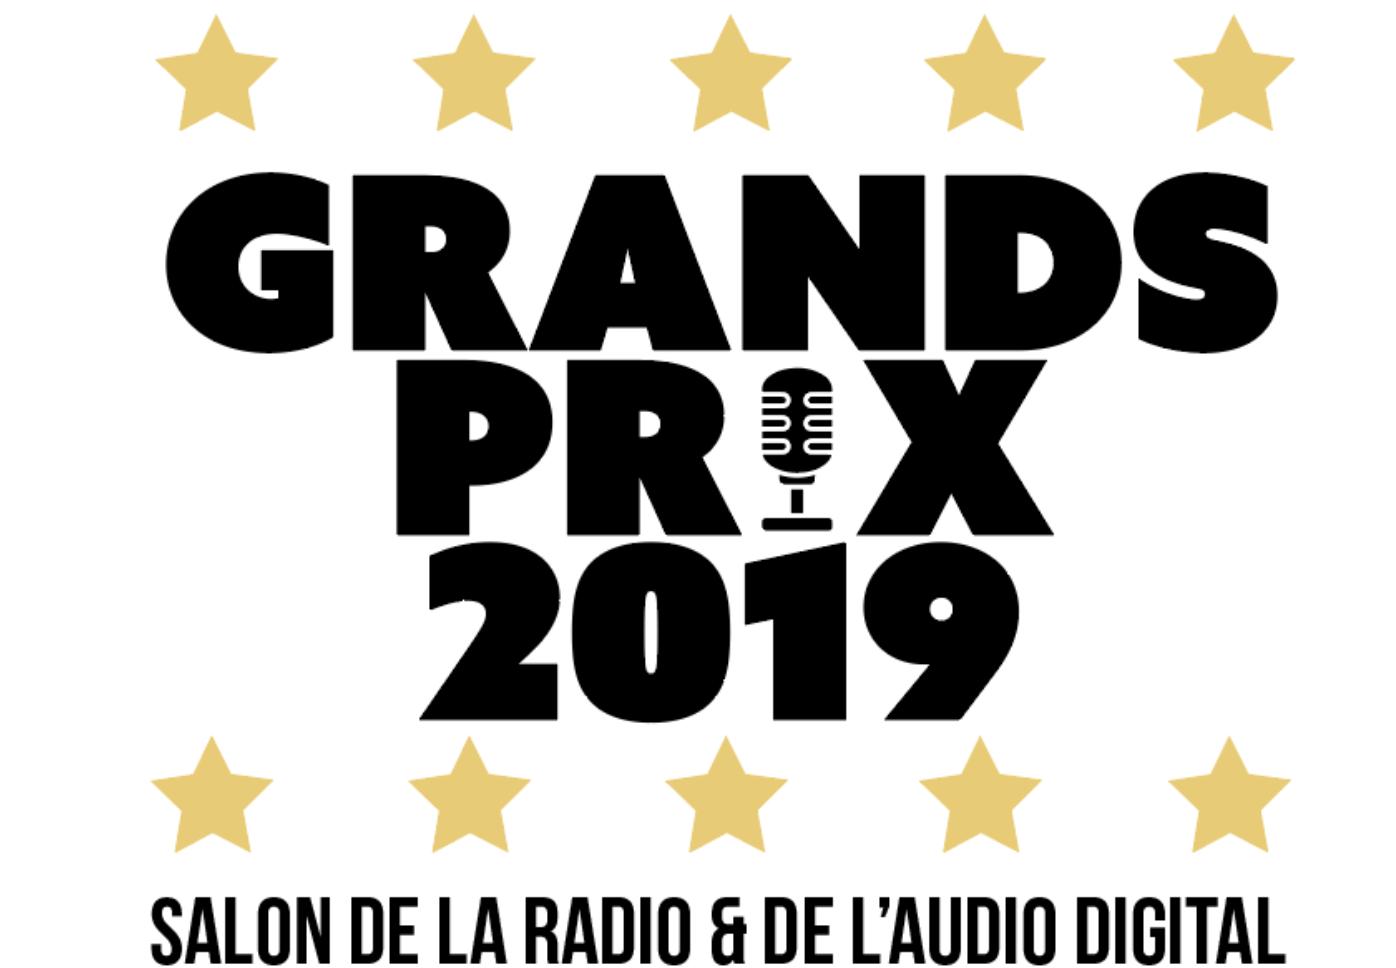 Déposez dès maintenant votre dossier pour les Grands Prix Radio 2019.